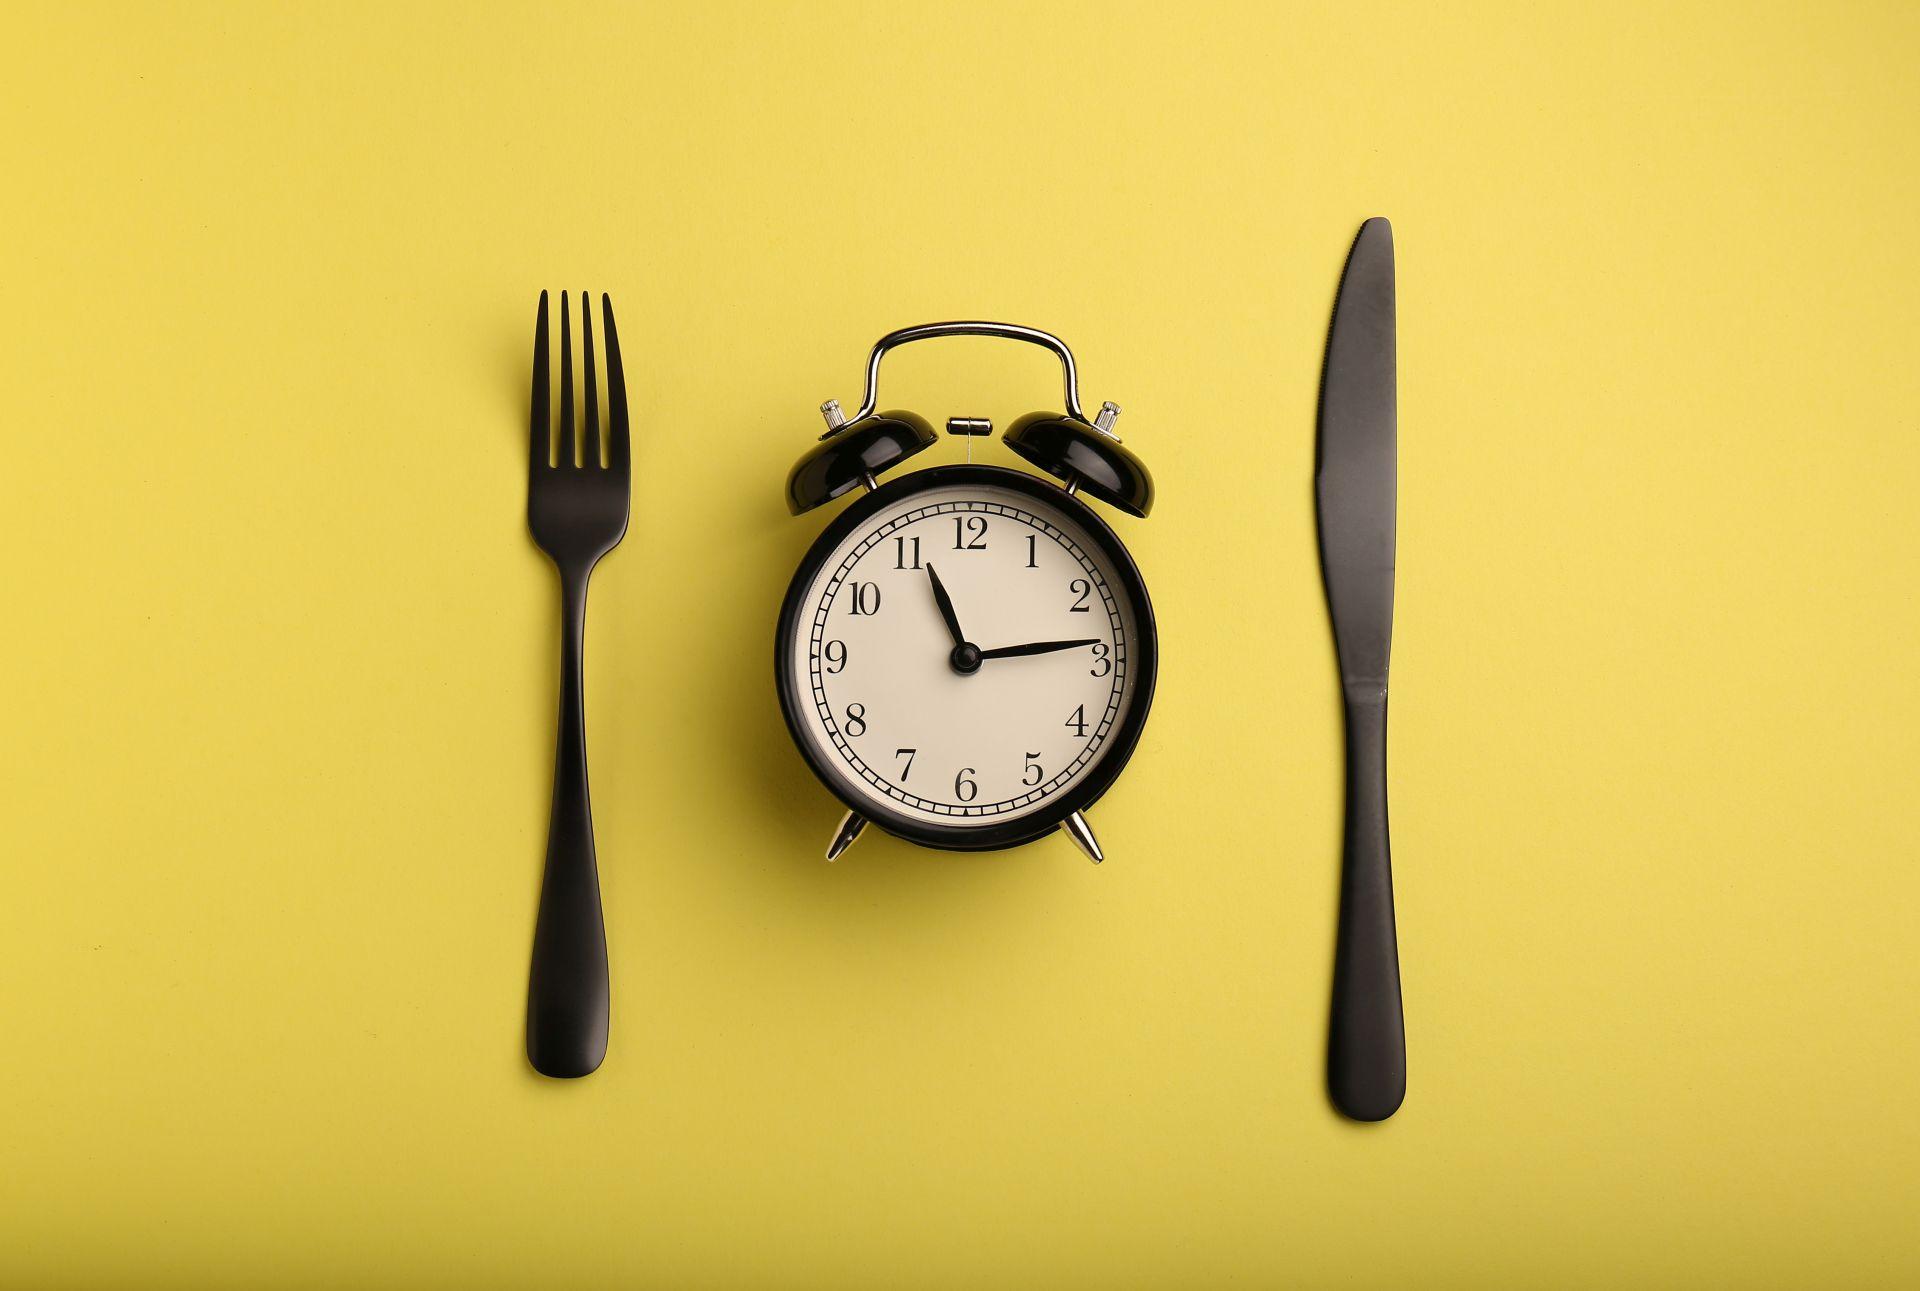 Dieta na otyłość brzuszną i nadwagę powinna opierać się na regularnych posiłkach, które warto rozłożyć w podobnych odstępach czasowych. Sprawdź, jakie składniki powinna zawierać dieta dla otyłych i osób z nadwagą.